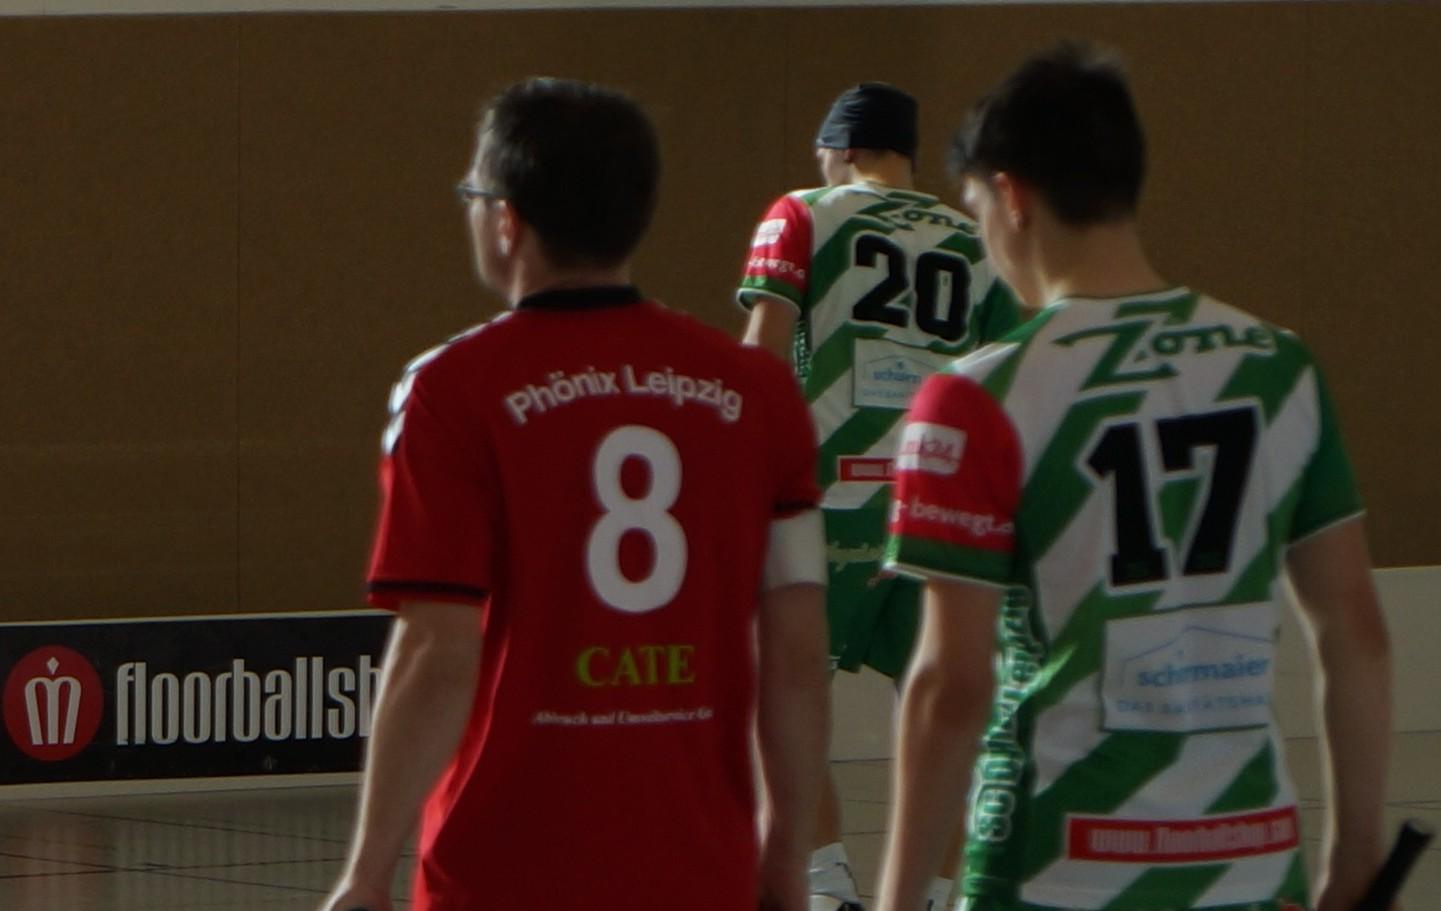 Derby-Sieg – Phönix Leipzig behält weiße Weste